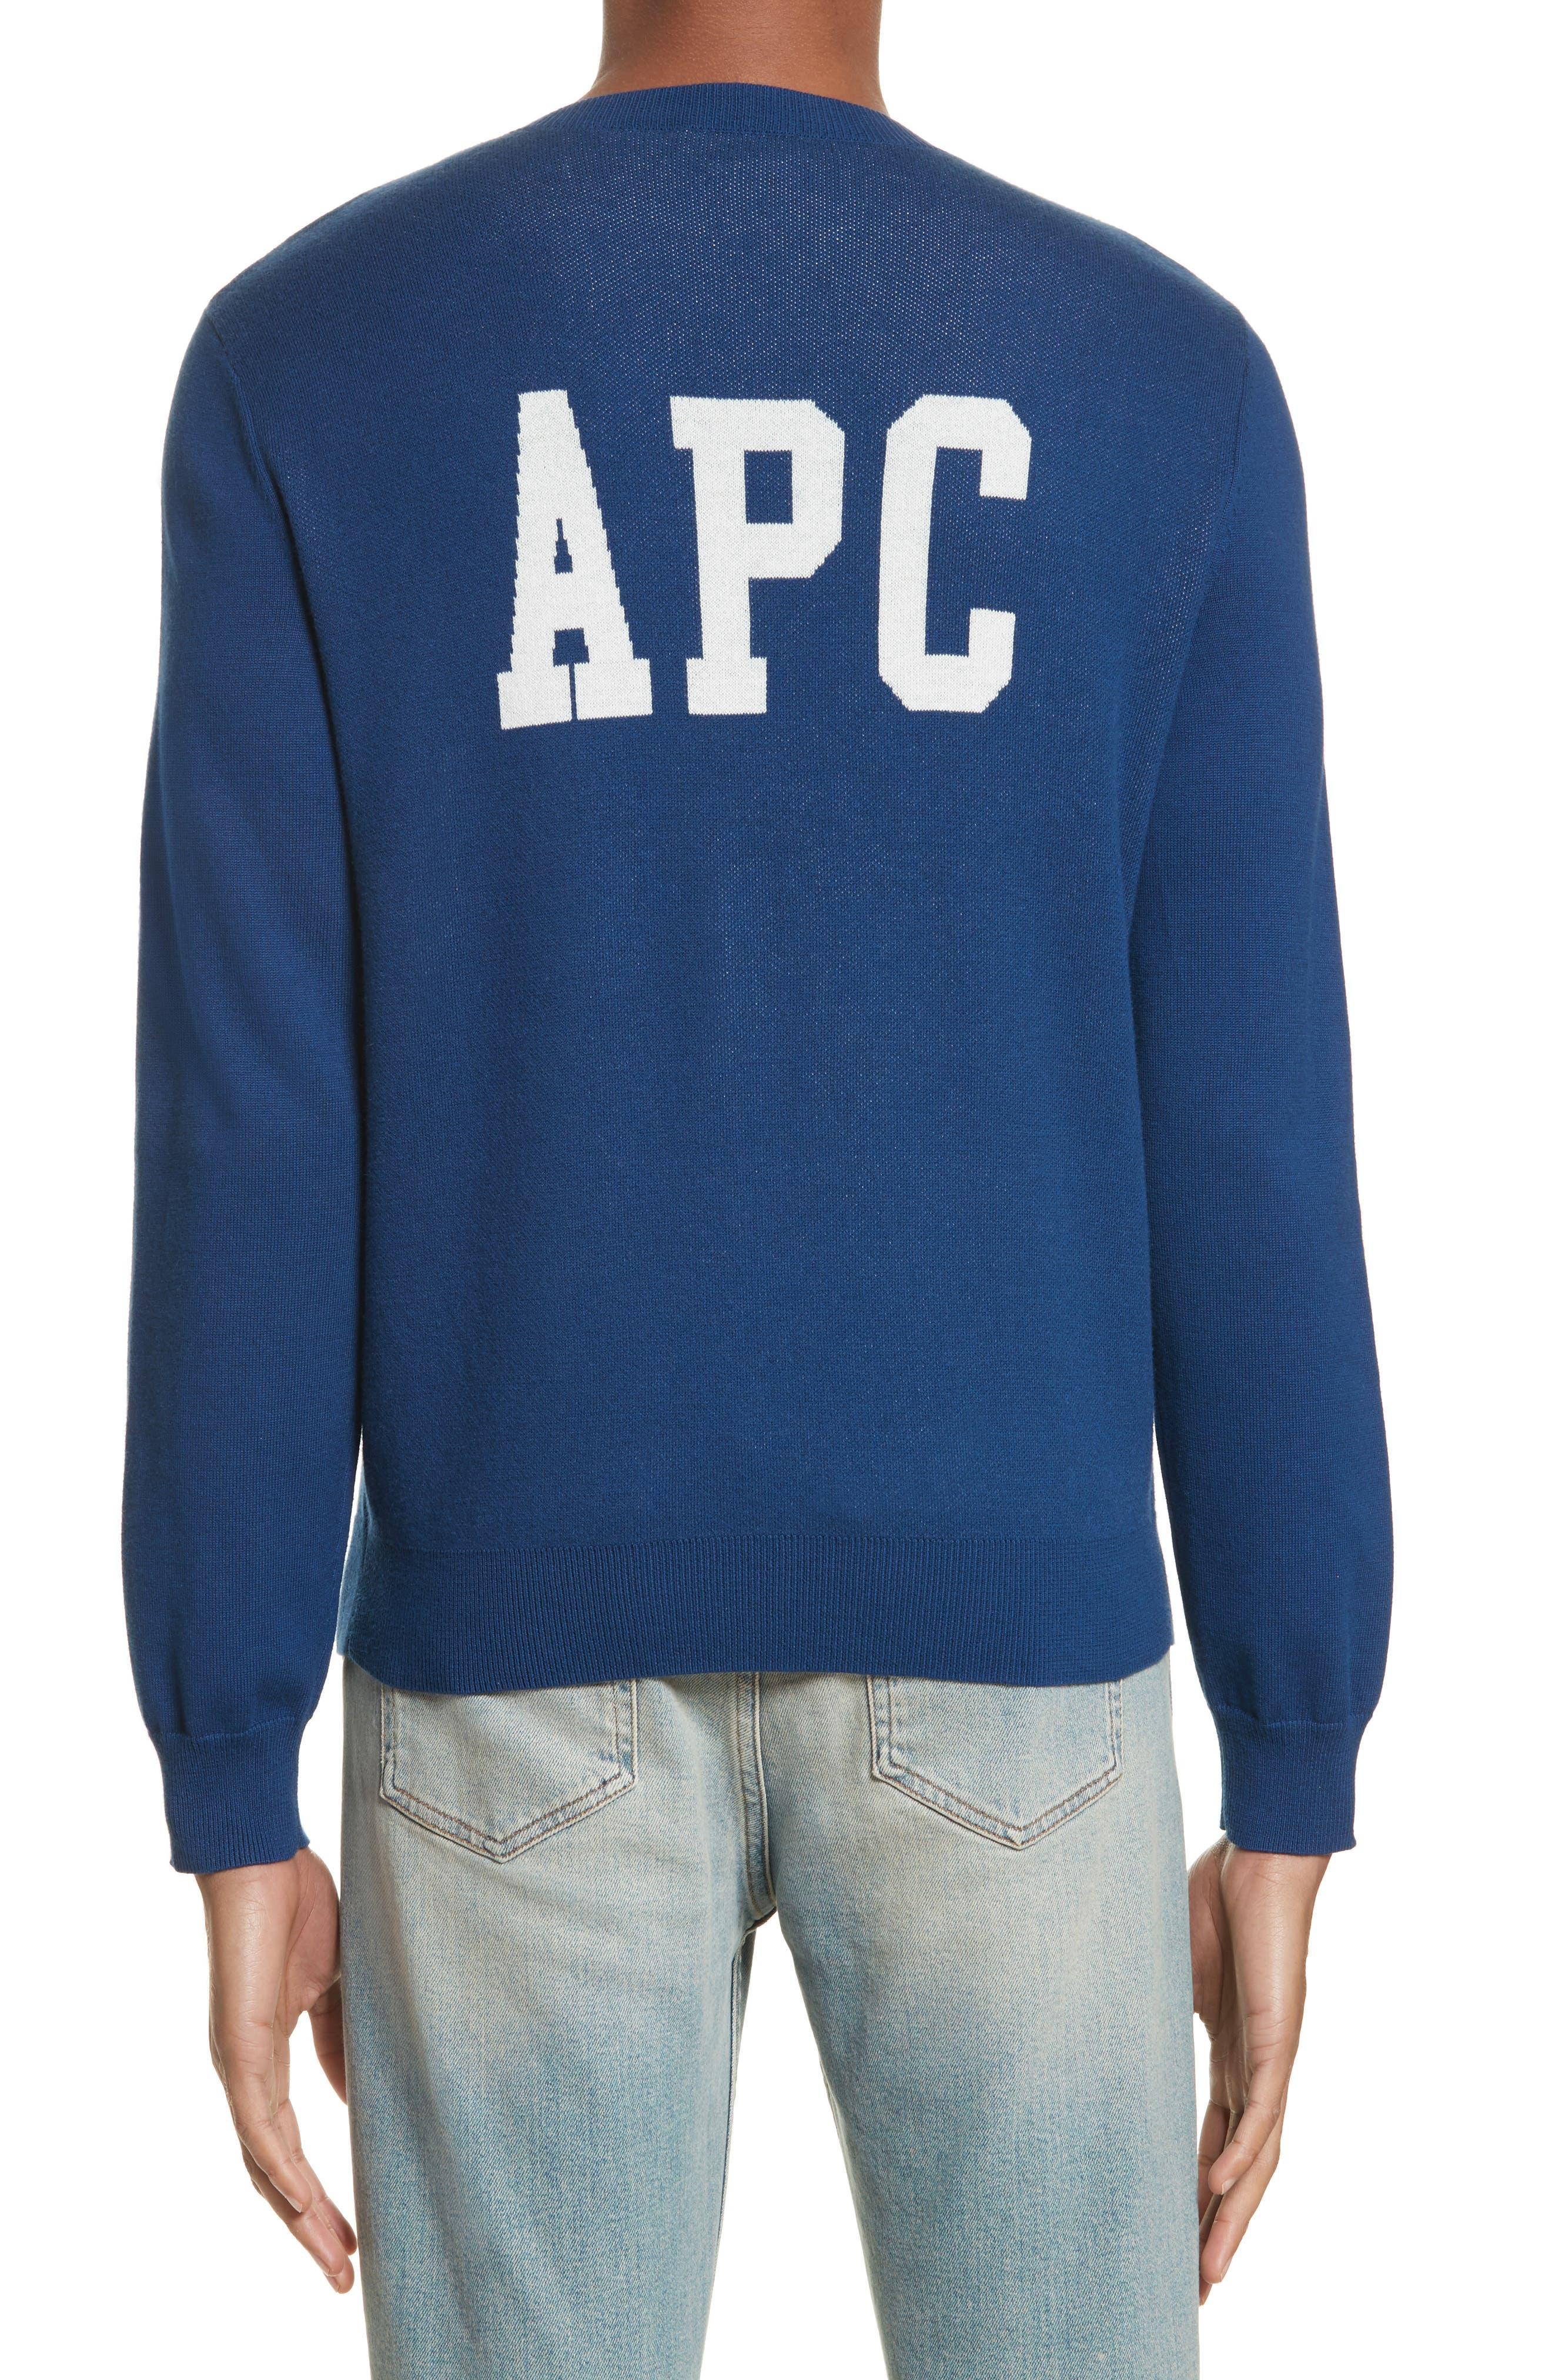 Alternate Image 2  - A.P.C. CIA Crewneck Sweater